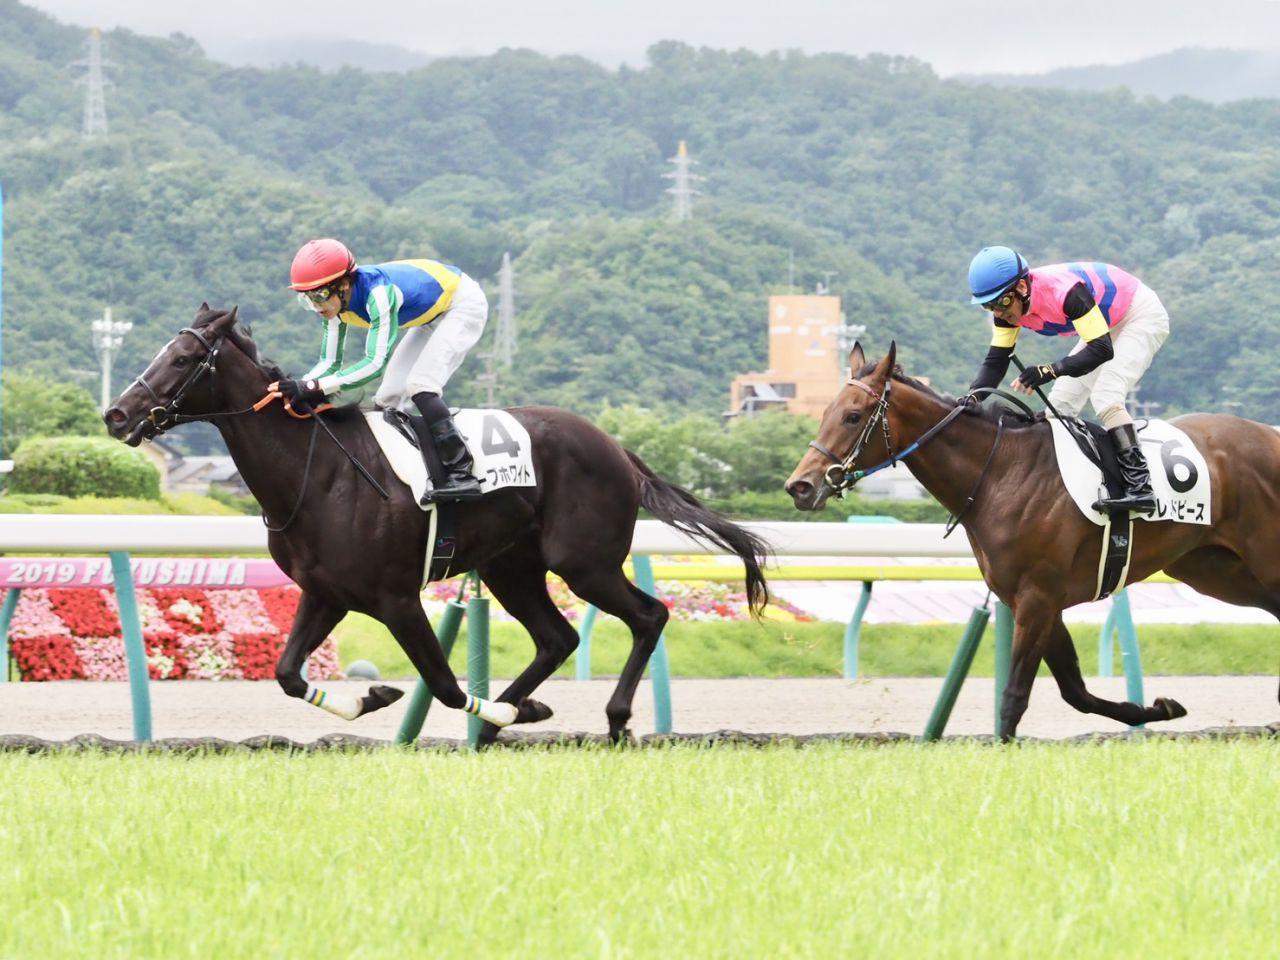 【新馬/福島5R】エヴァーガーデンがデビューV!ゴールデンレシオは3着